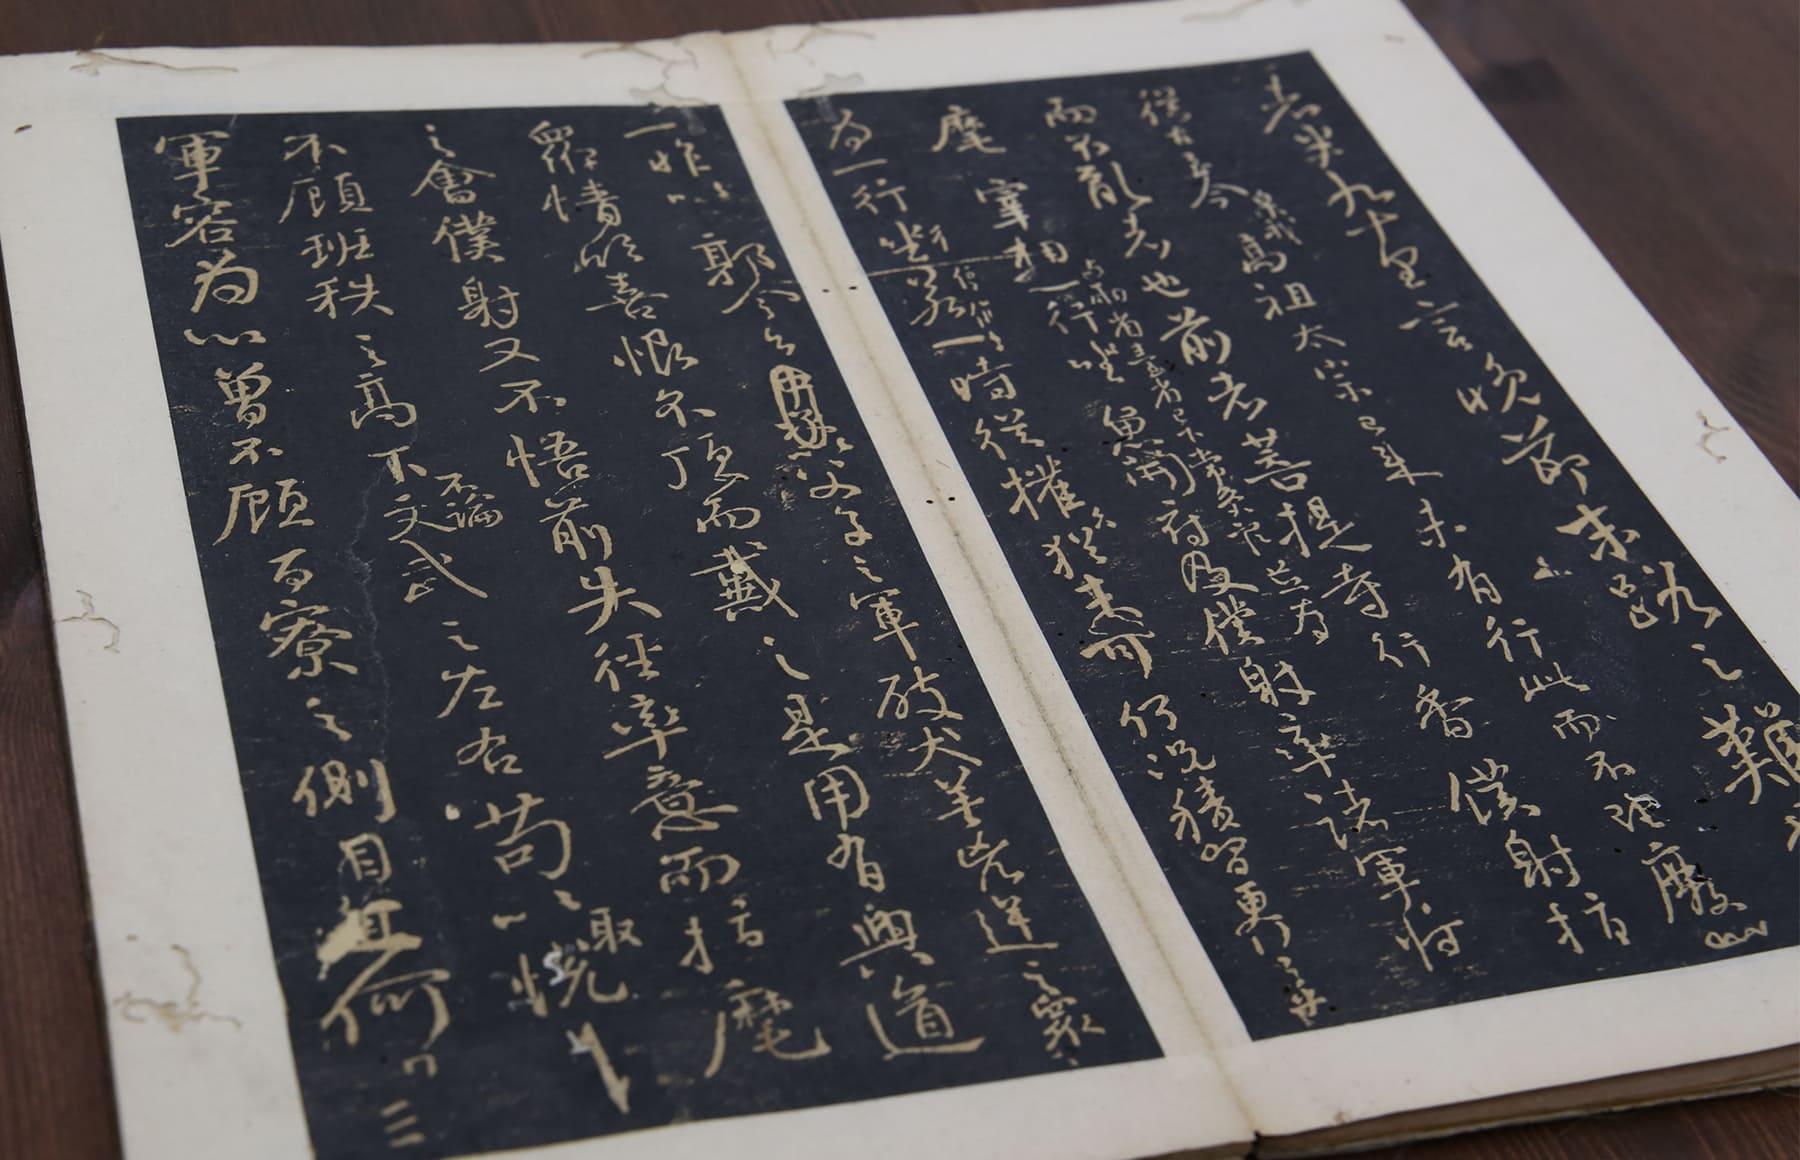 古書・和本・古典籍の写真4